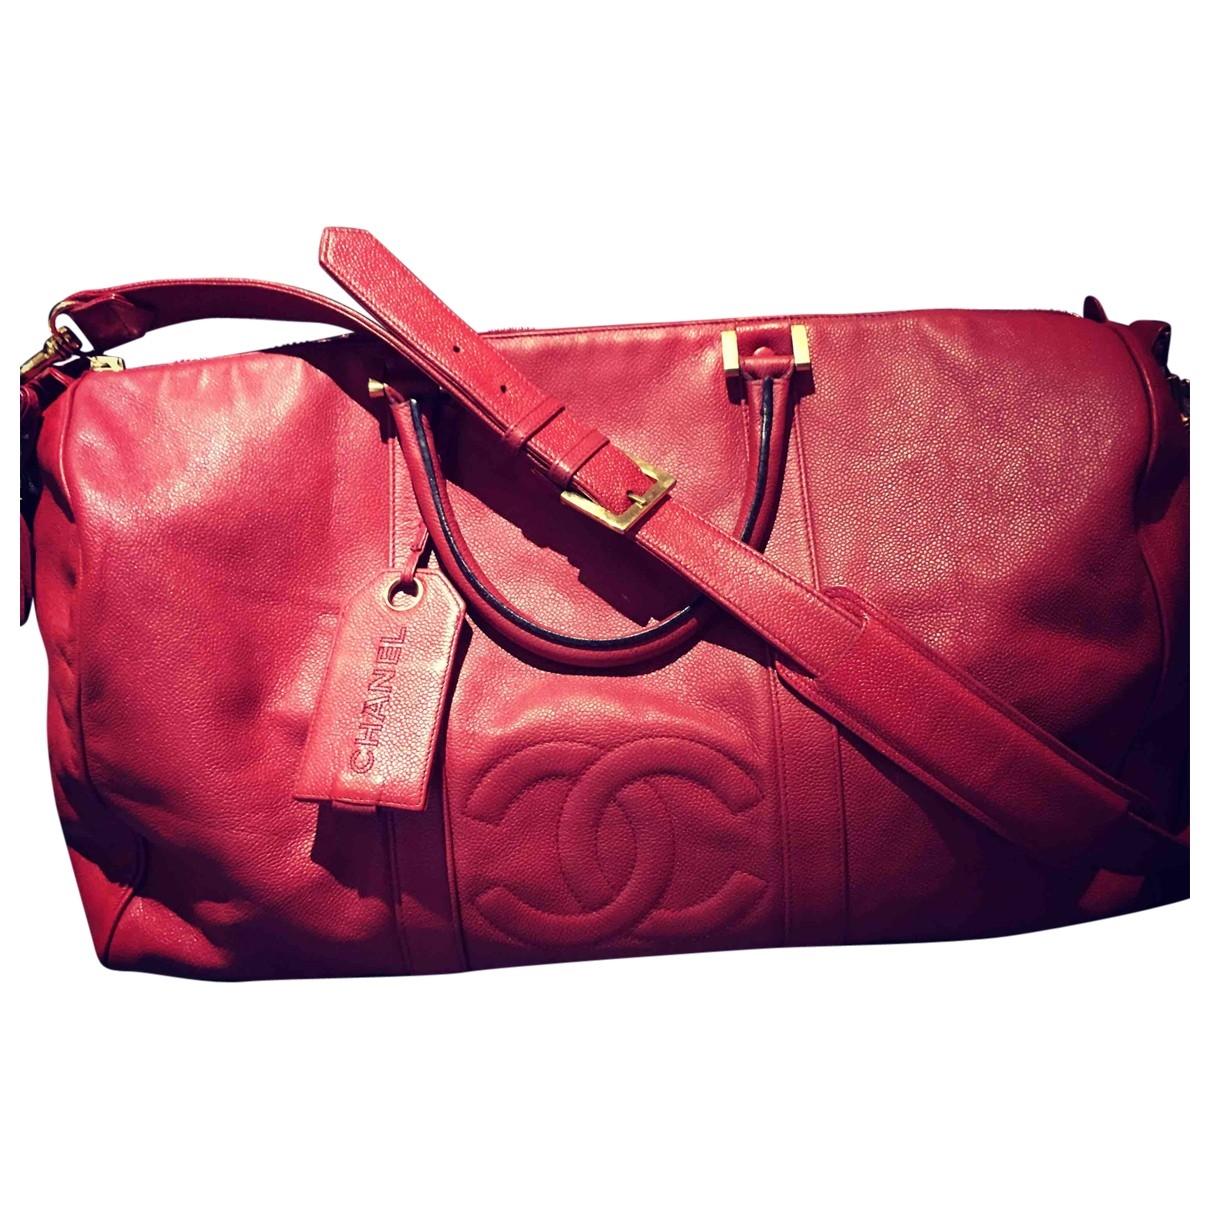 Chanel \N Reisetasche in  Rot Leder